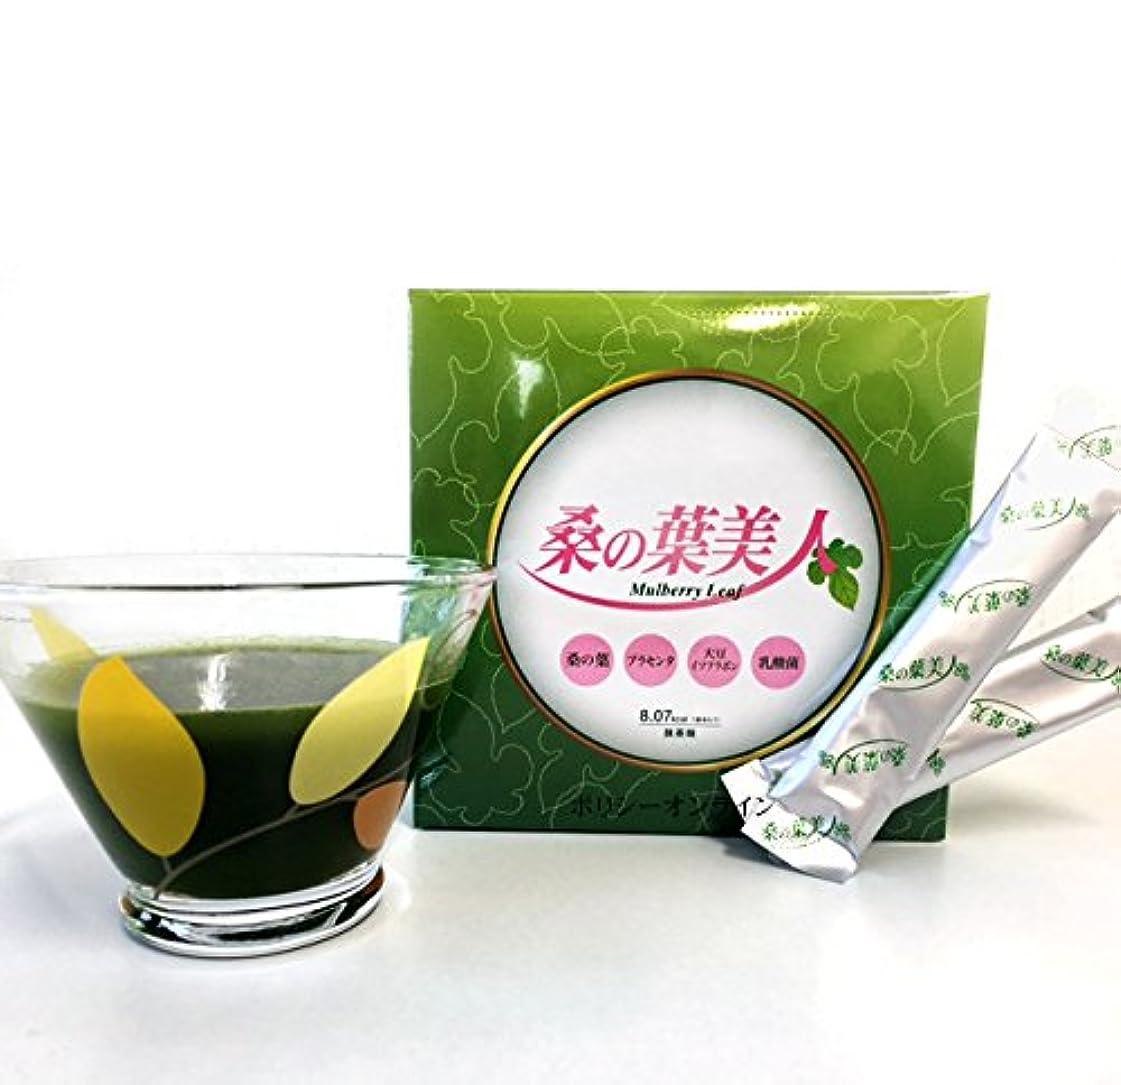 回転する一握りフロンティアポリシー化粧品 【サプリメント/内面美容】桑の葉美人 3g×50袋